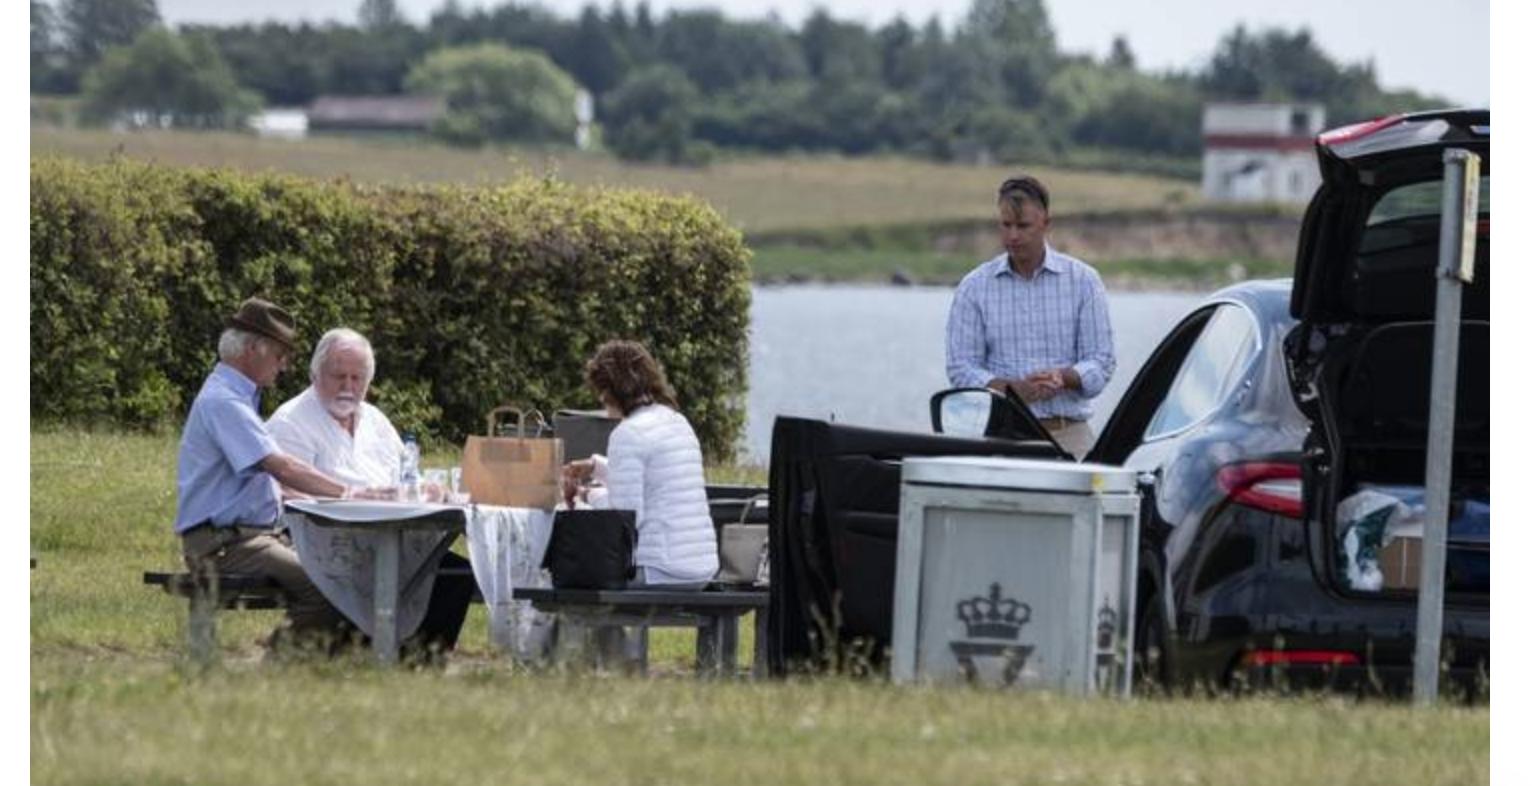 Король Швеции остановился на пикник в Дании и привлек внимание СМИ